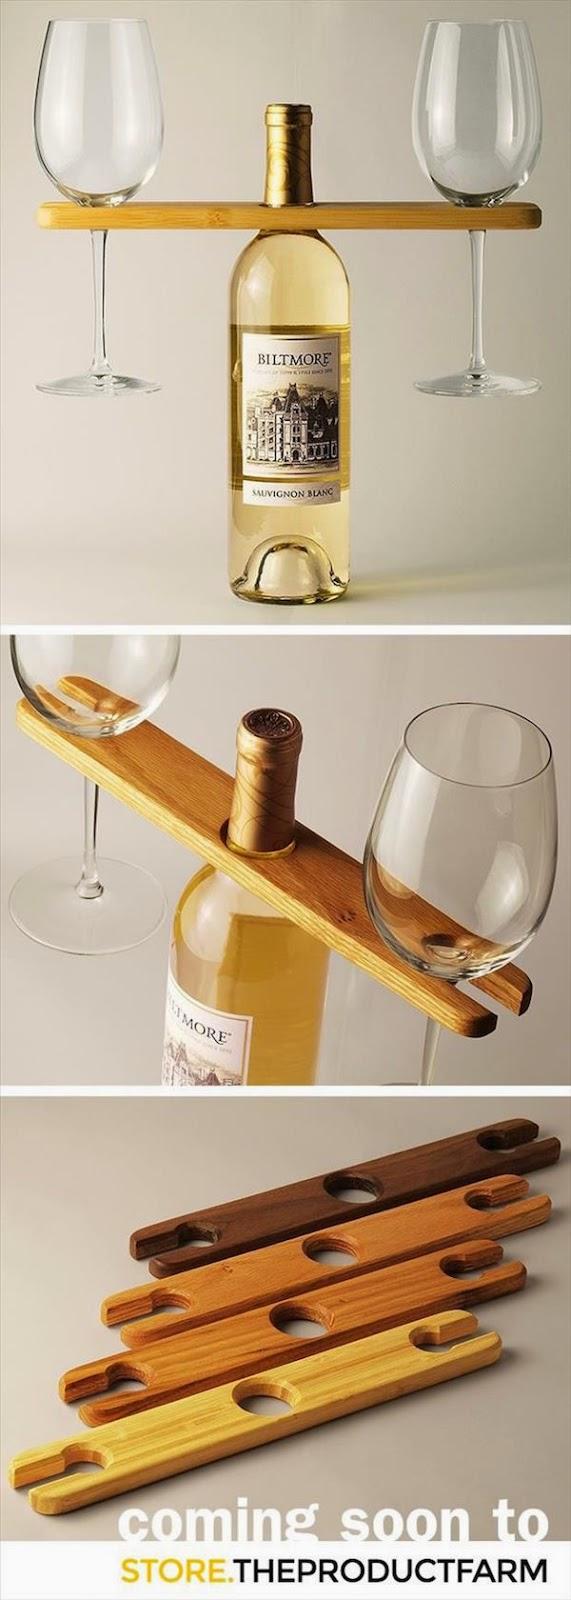 2. Glass Holder for Wine